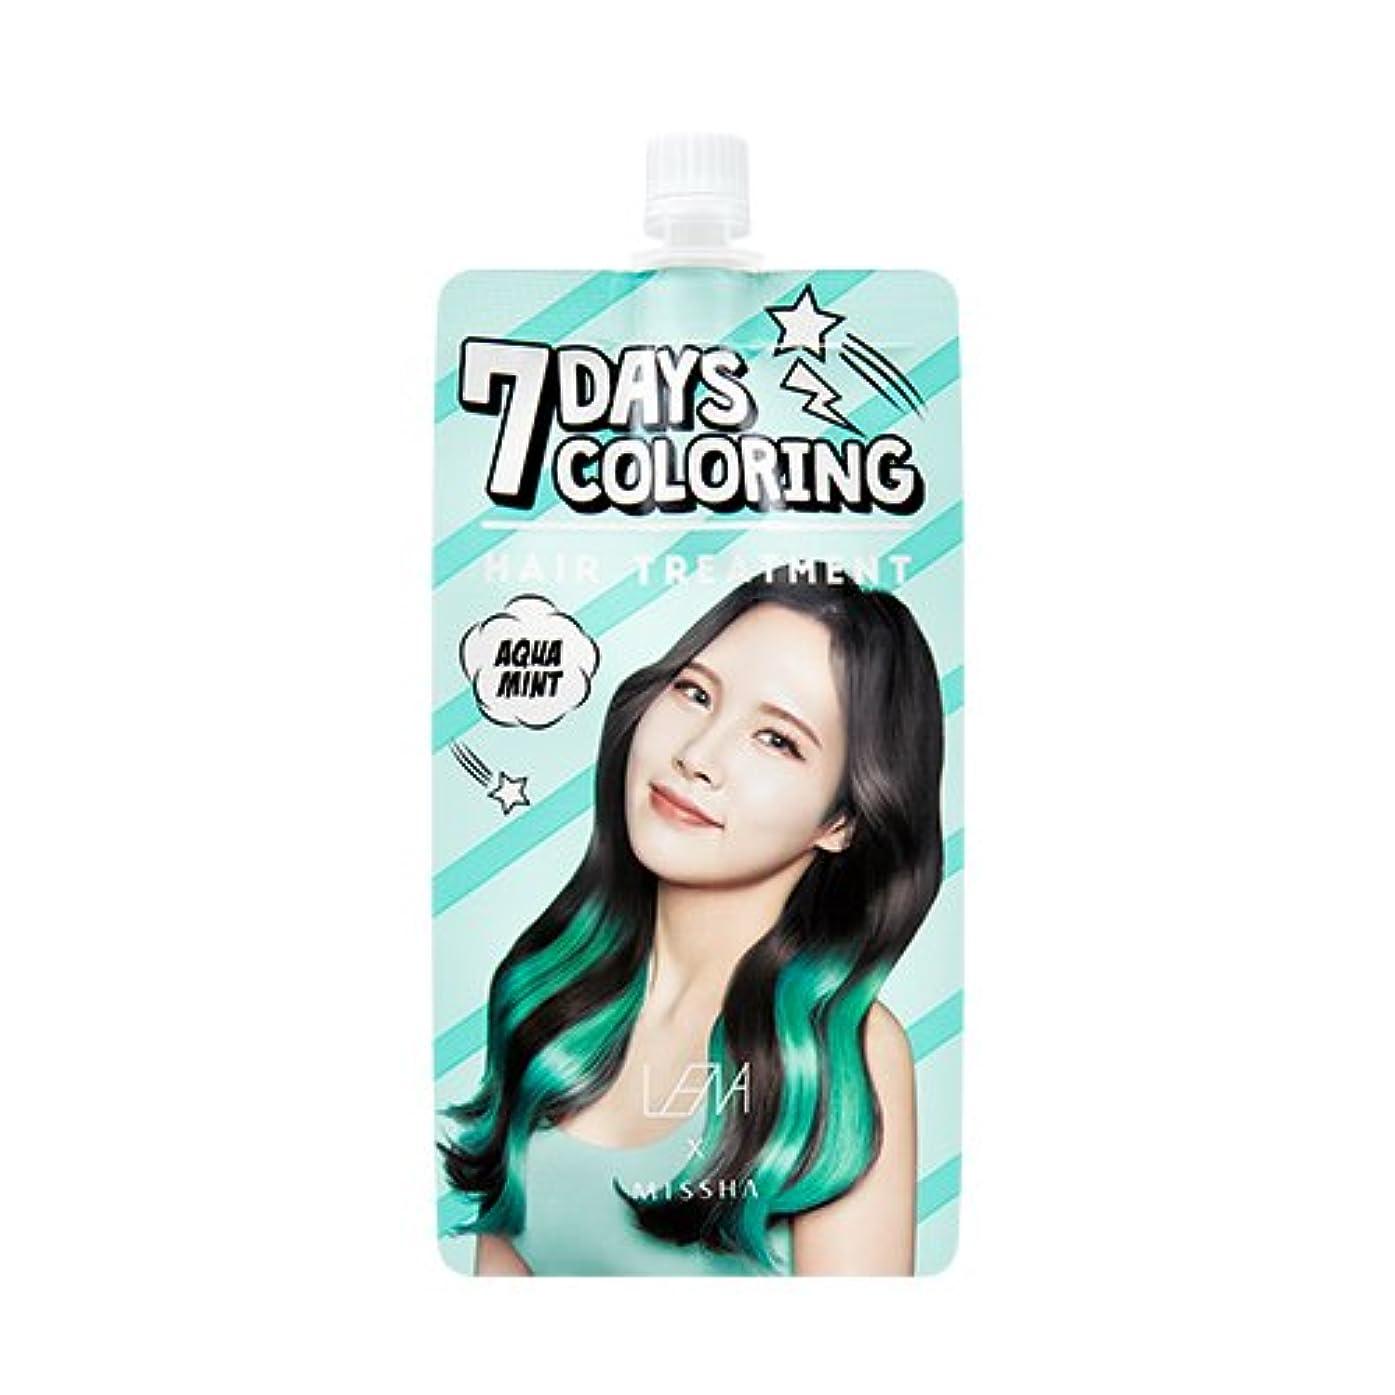 仲人うるさい合わせてMISSHA Seven Days Coloring Hair Treatment #Aquamint -LENA Edition /ミシャ セブンデイズカラーリングヘアトリートメント - レナエディション (アクアミント...